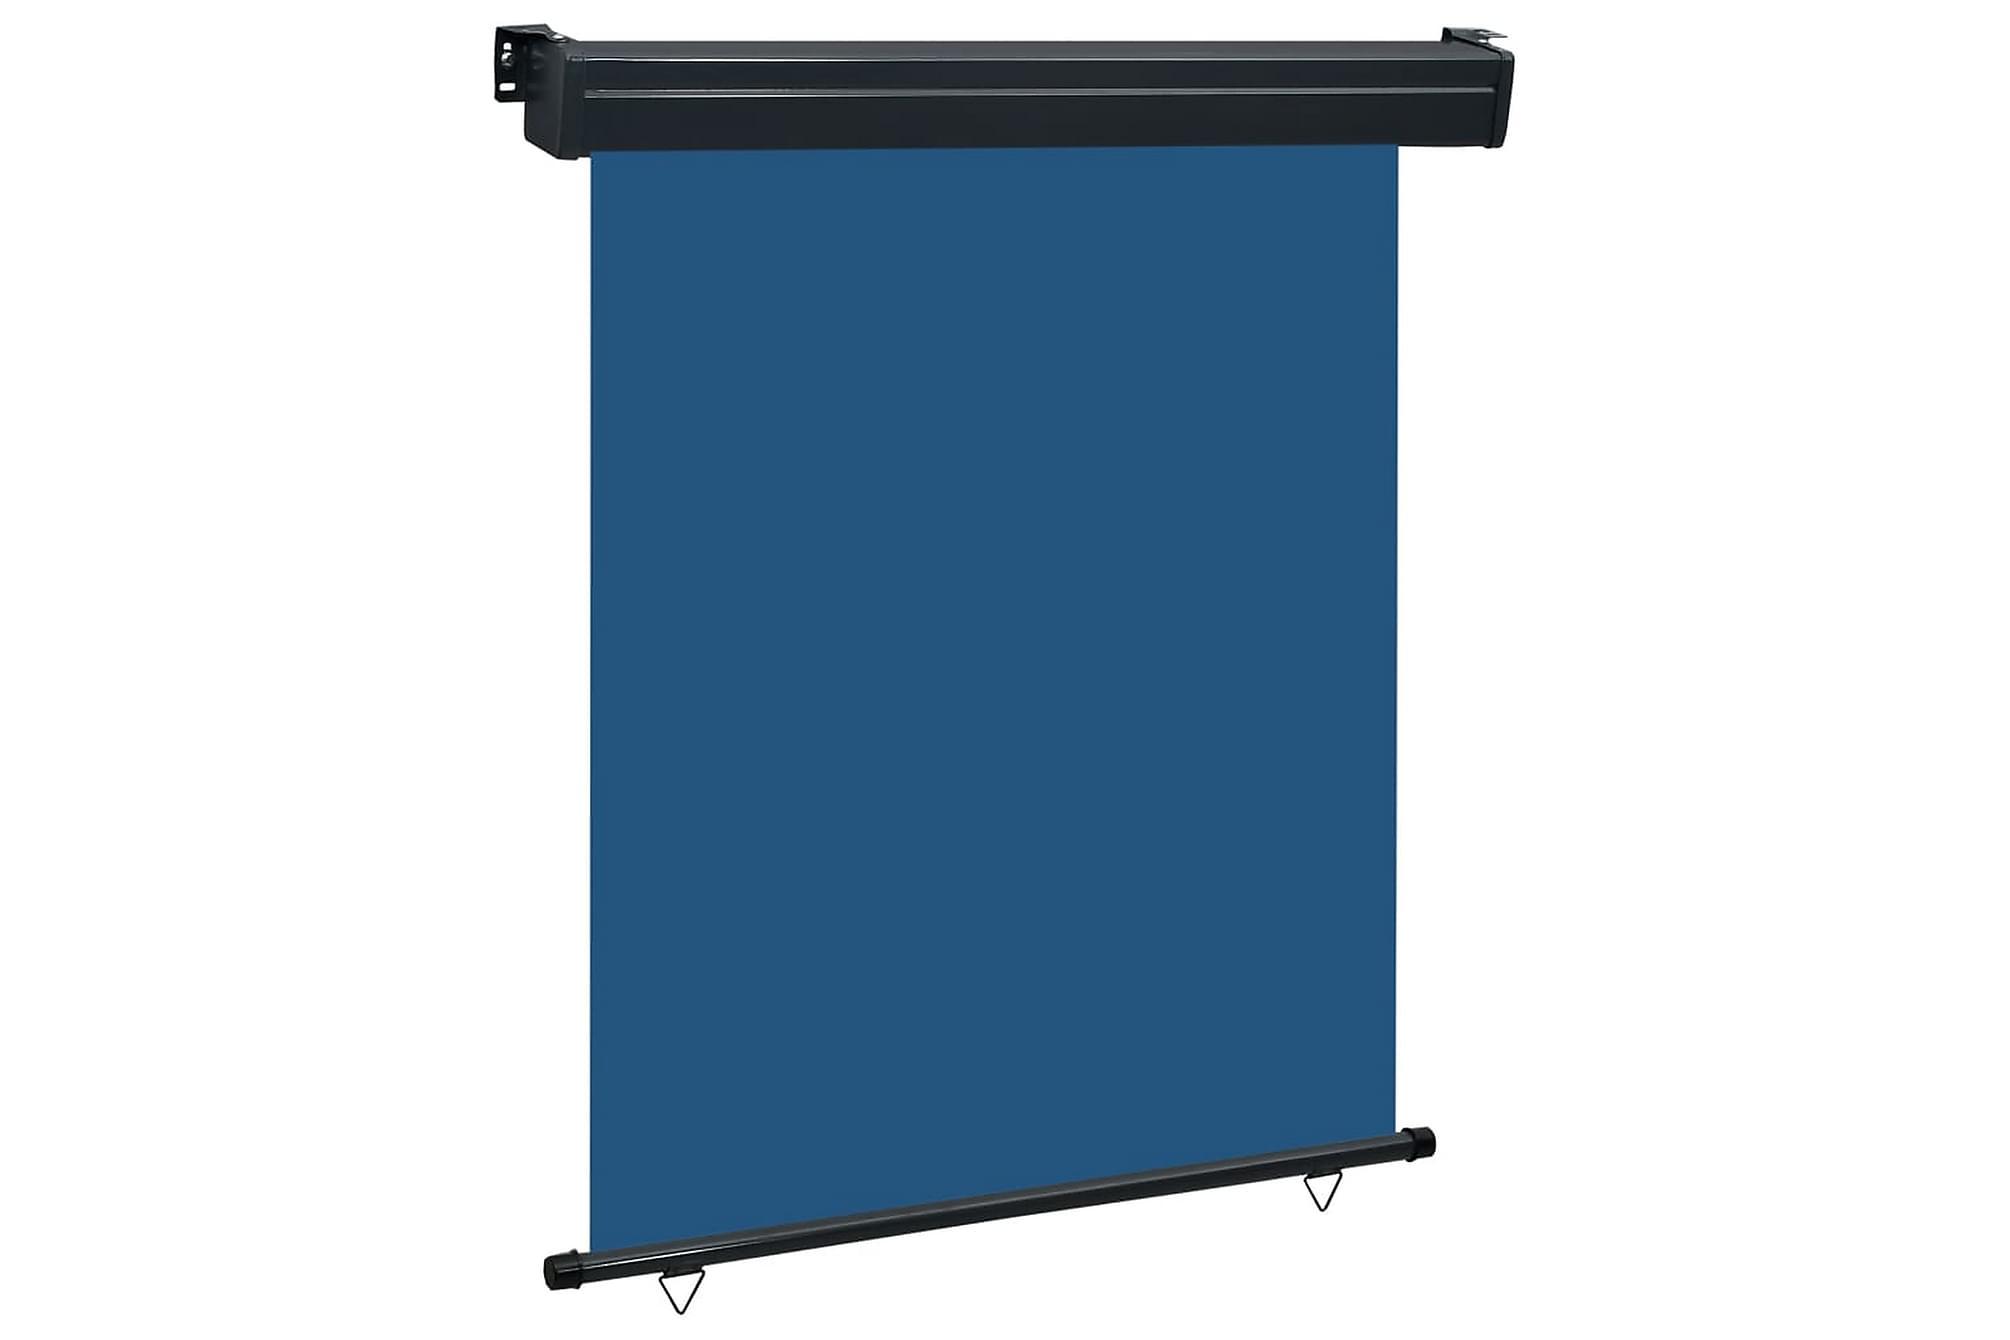 Balkongmarkis 140x250 cm blå, Markiser